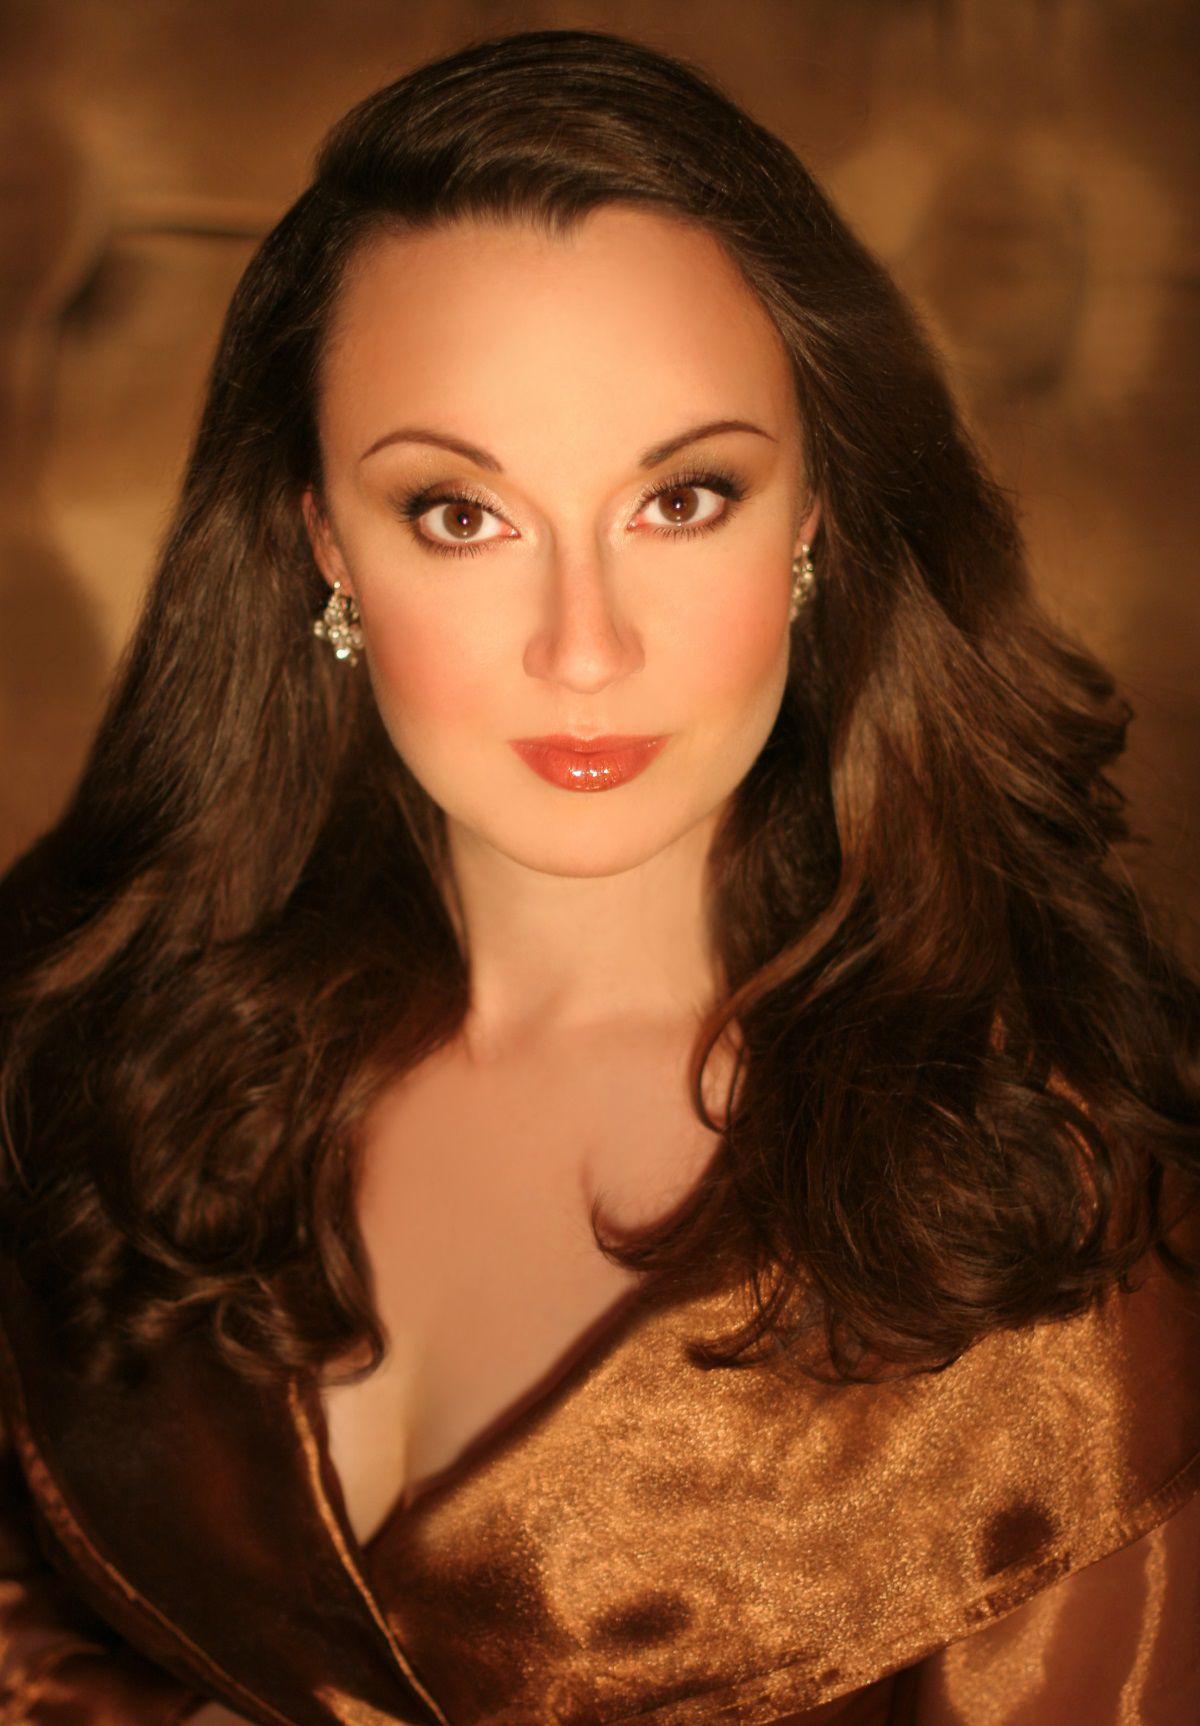 Liora Michelle